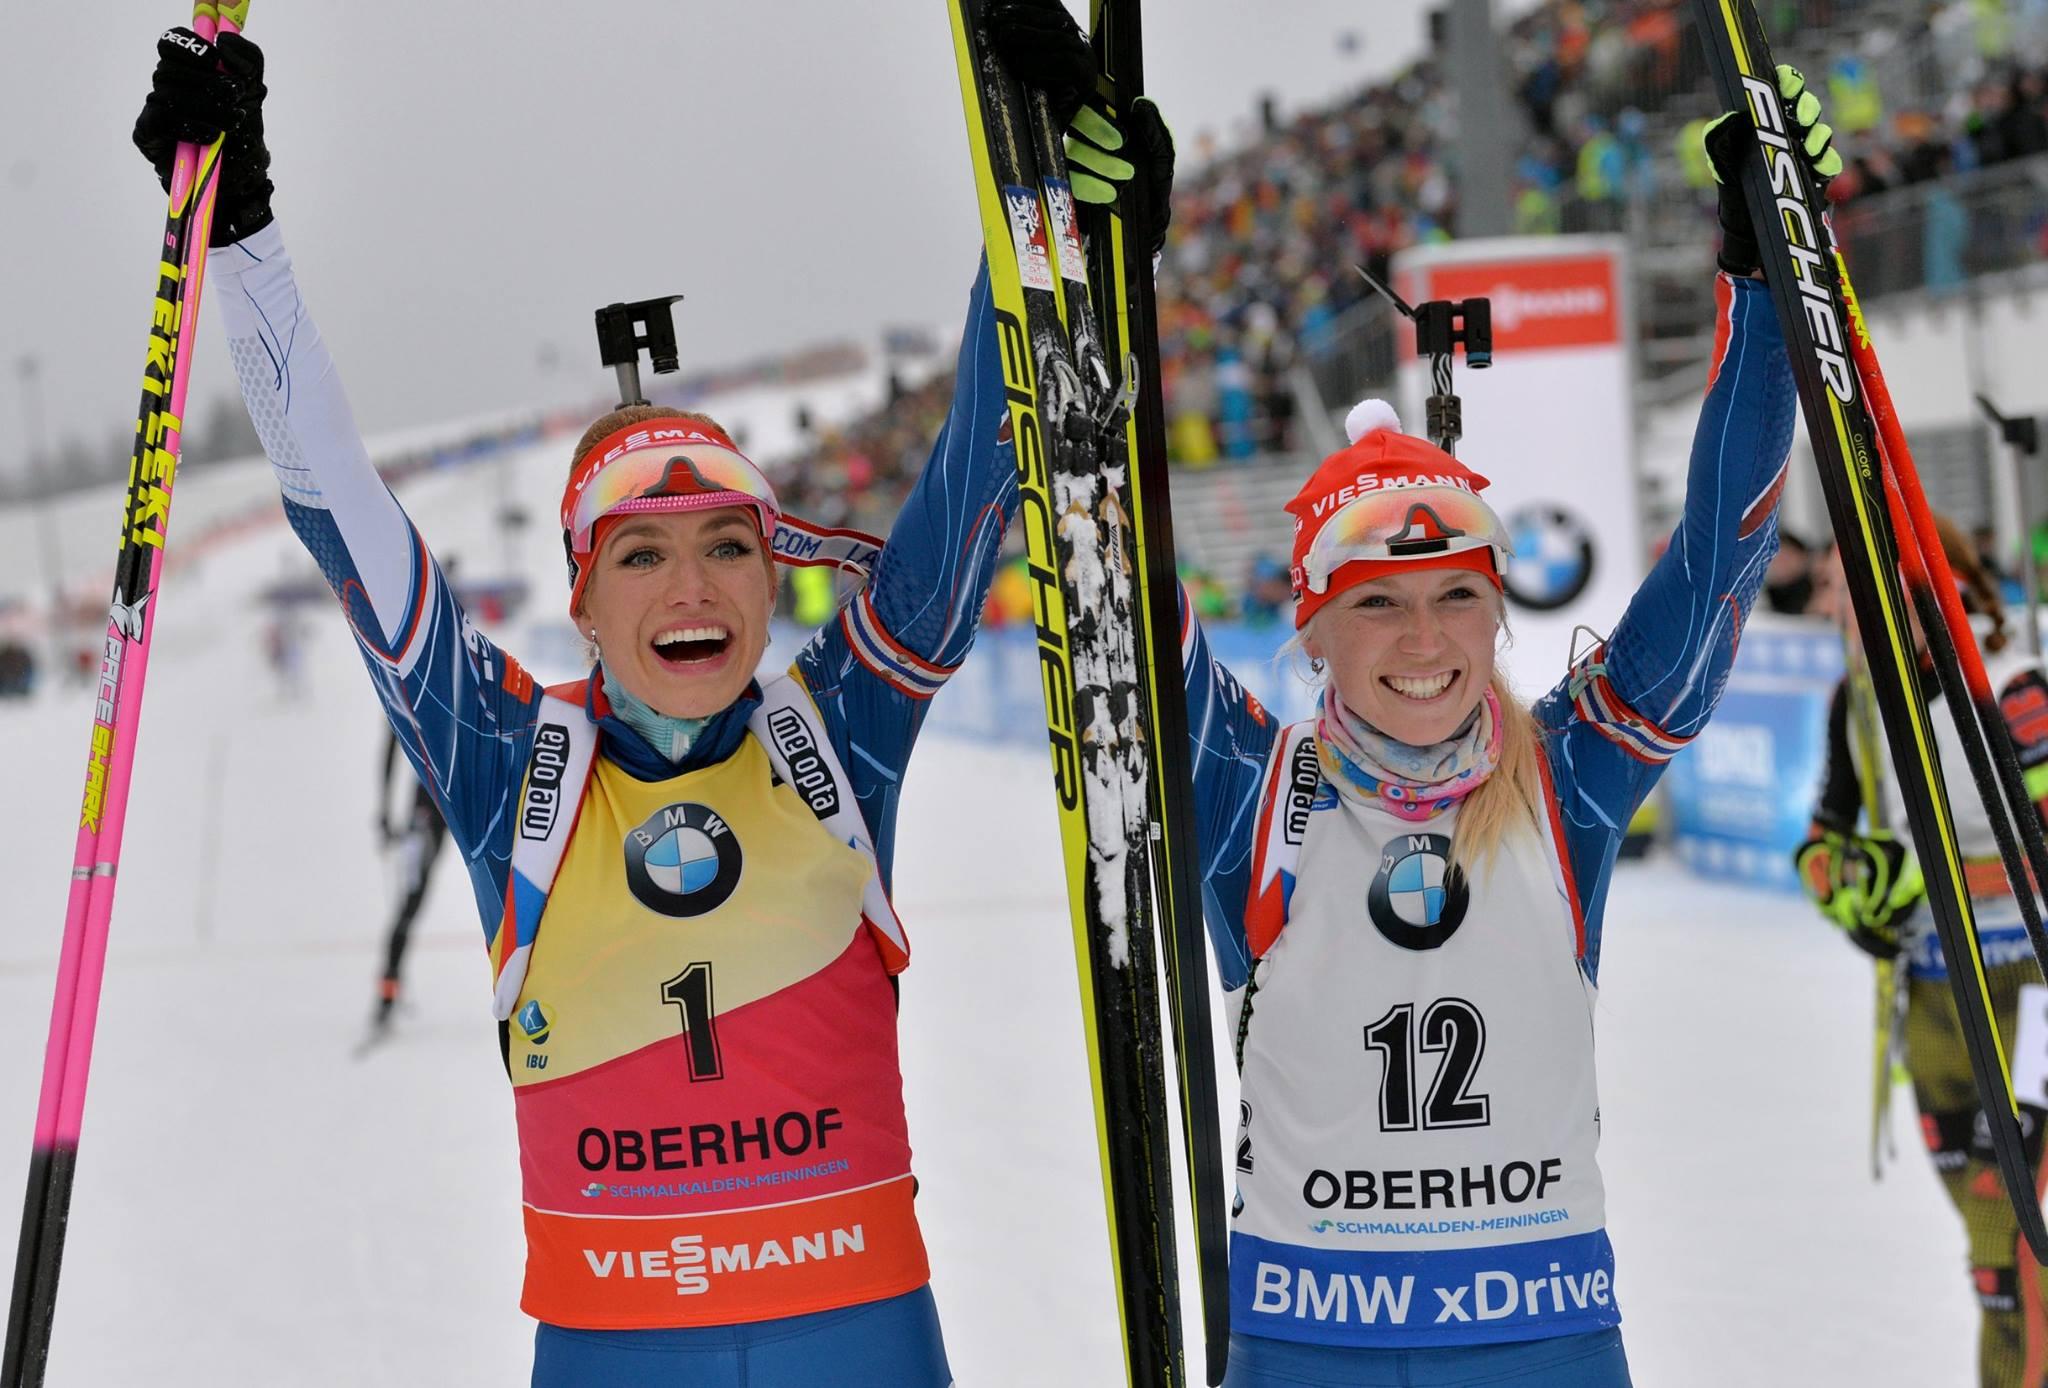 Velký den pro český biatlon! Gabriela Koukalová a Eva Puskarčíková na medailových příčkách!